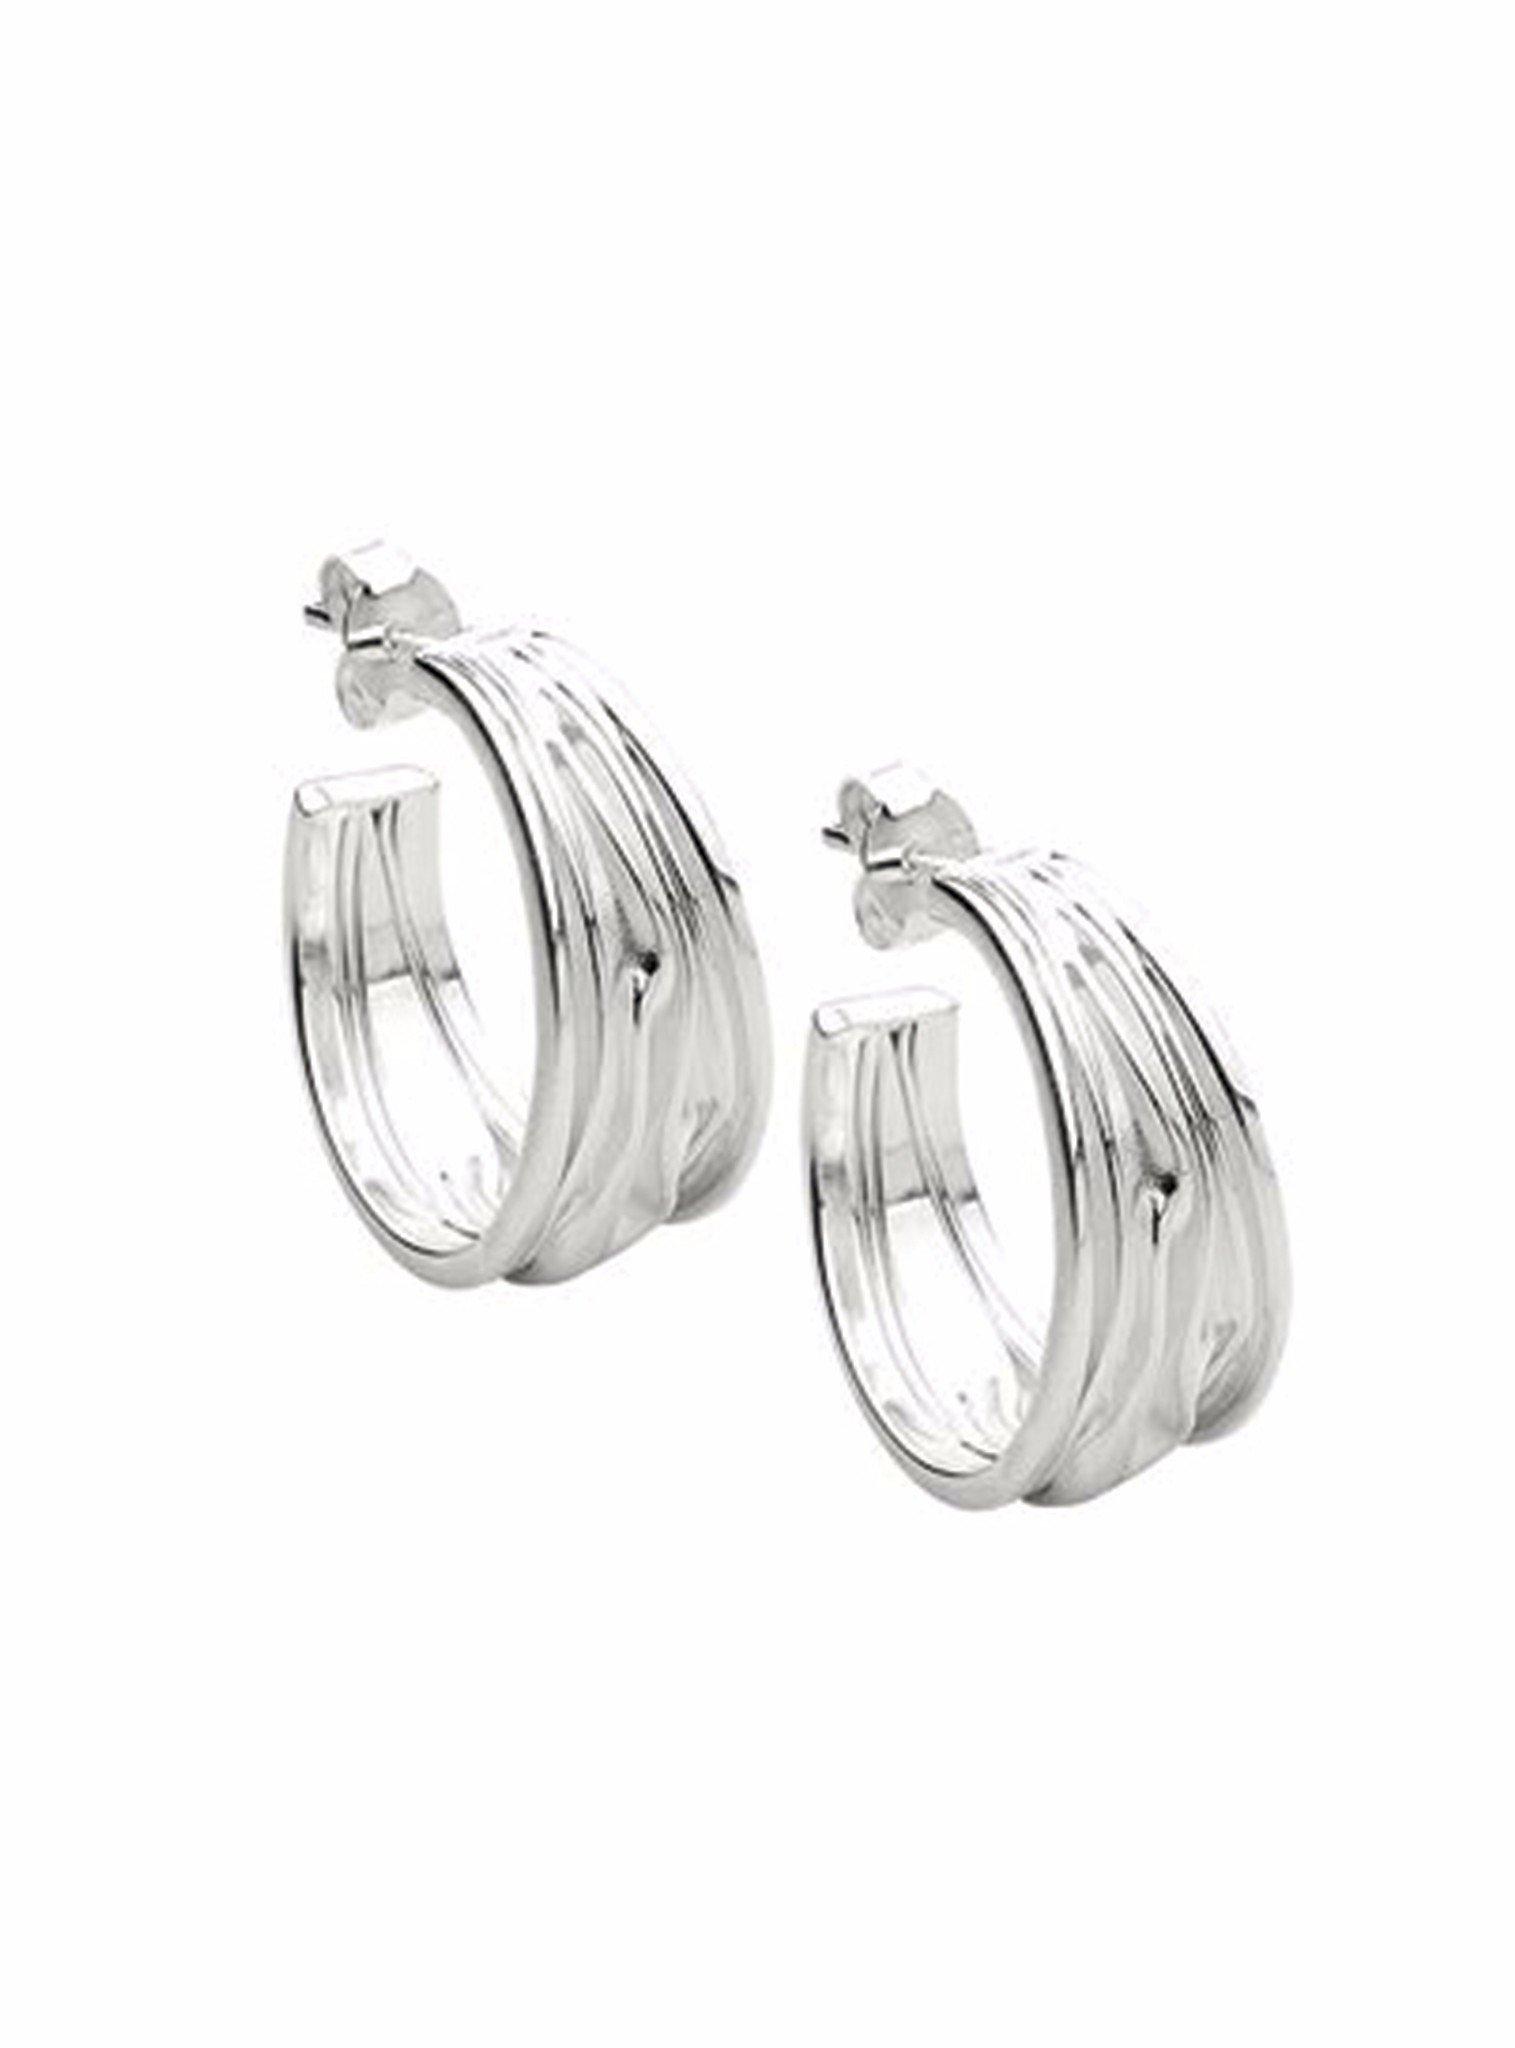 Waves of Love Sterling Silver Cuff Hoop Earrings